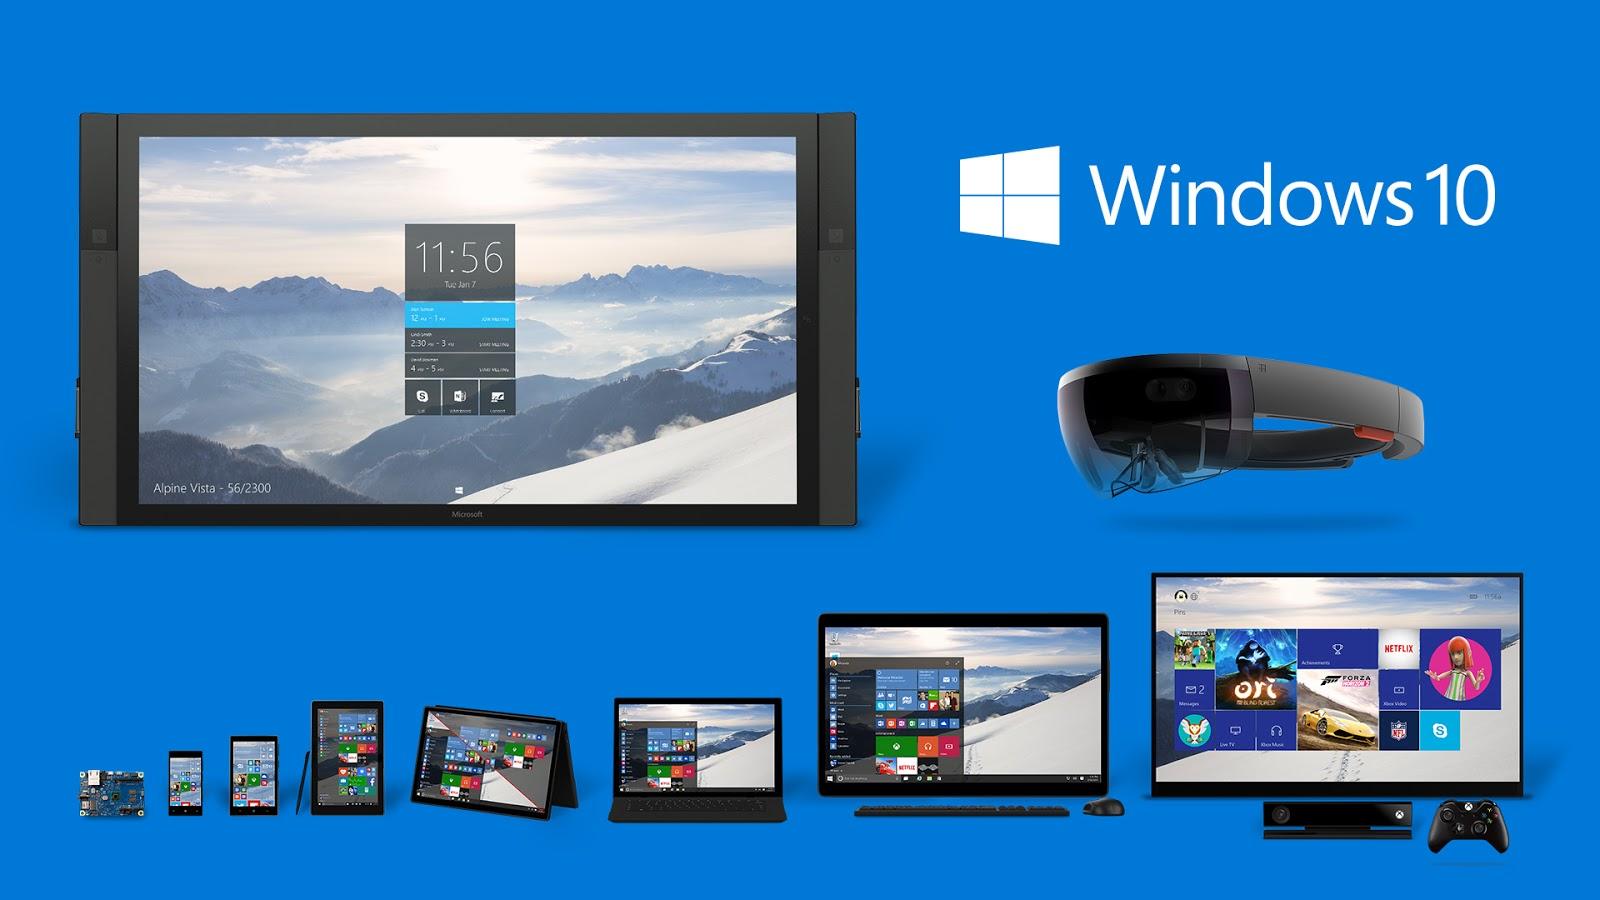 Dopo il 29 Luglio, termine dell'aggiornamento gratuito a Windows 10